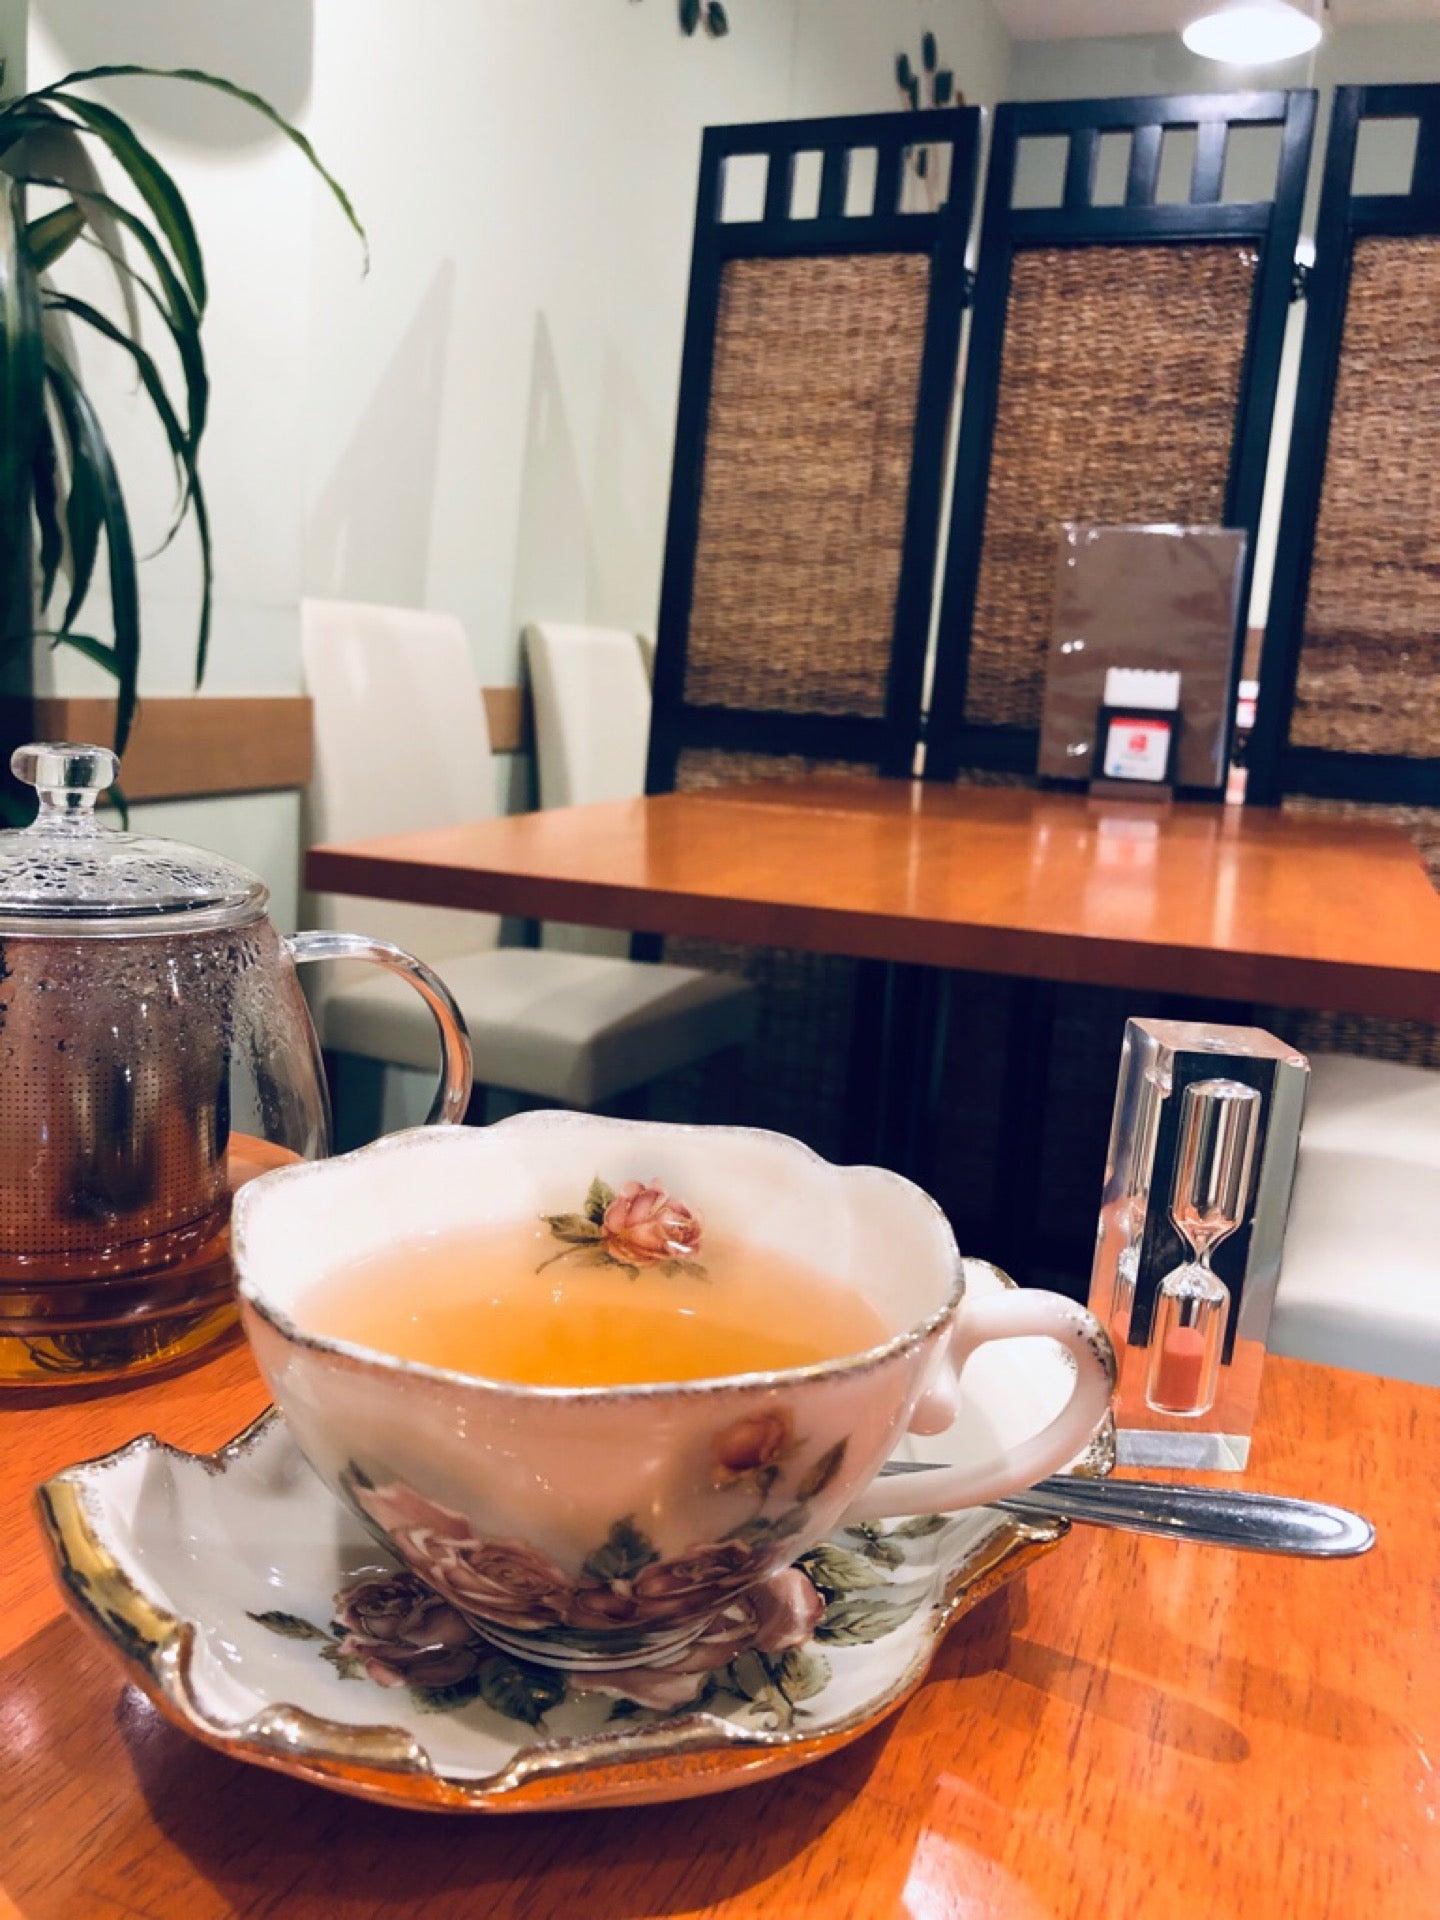 紅茶 (@ 天然酵母パン&カフェ いっぽ2) https://t.co/ZrRYt0n2SN https://t.co/WgycRAqSAn